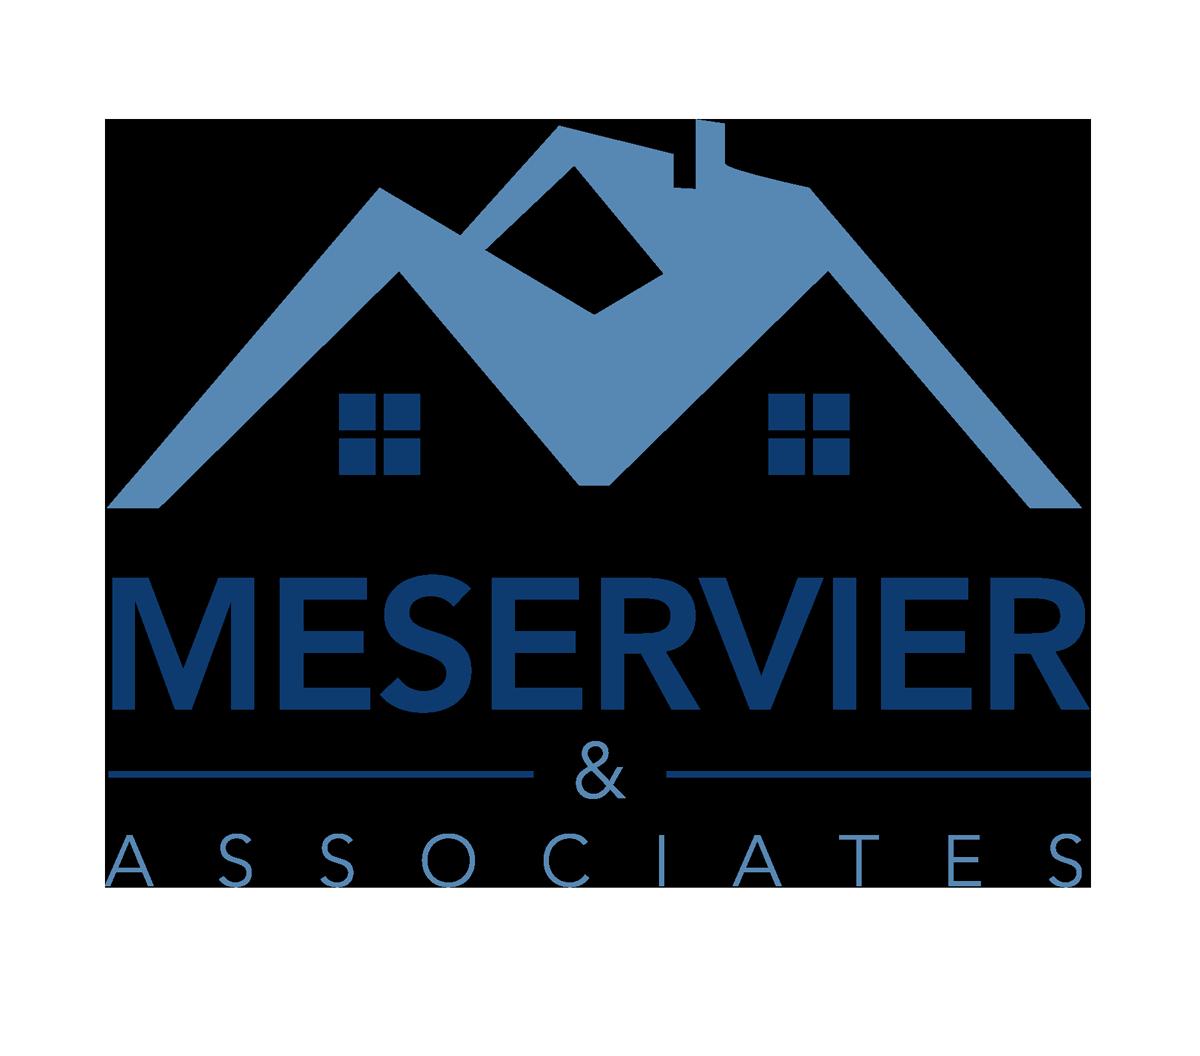 Meservier & Associates